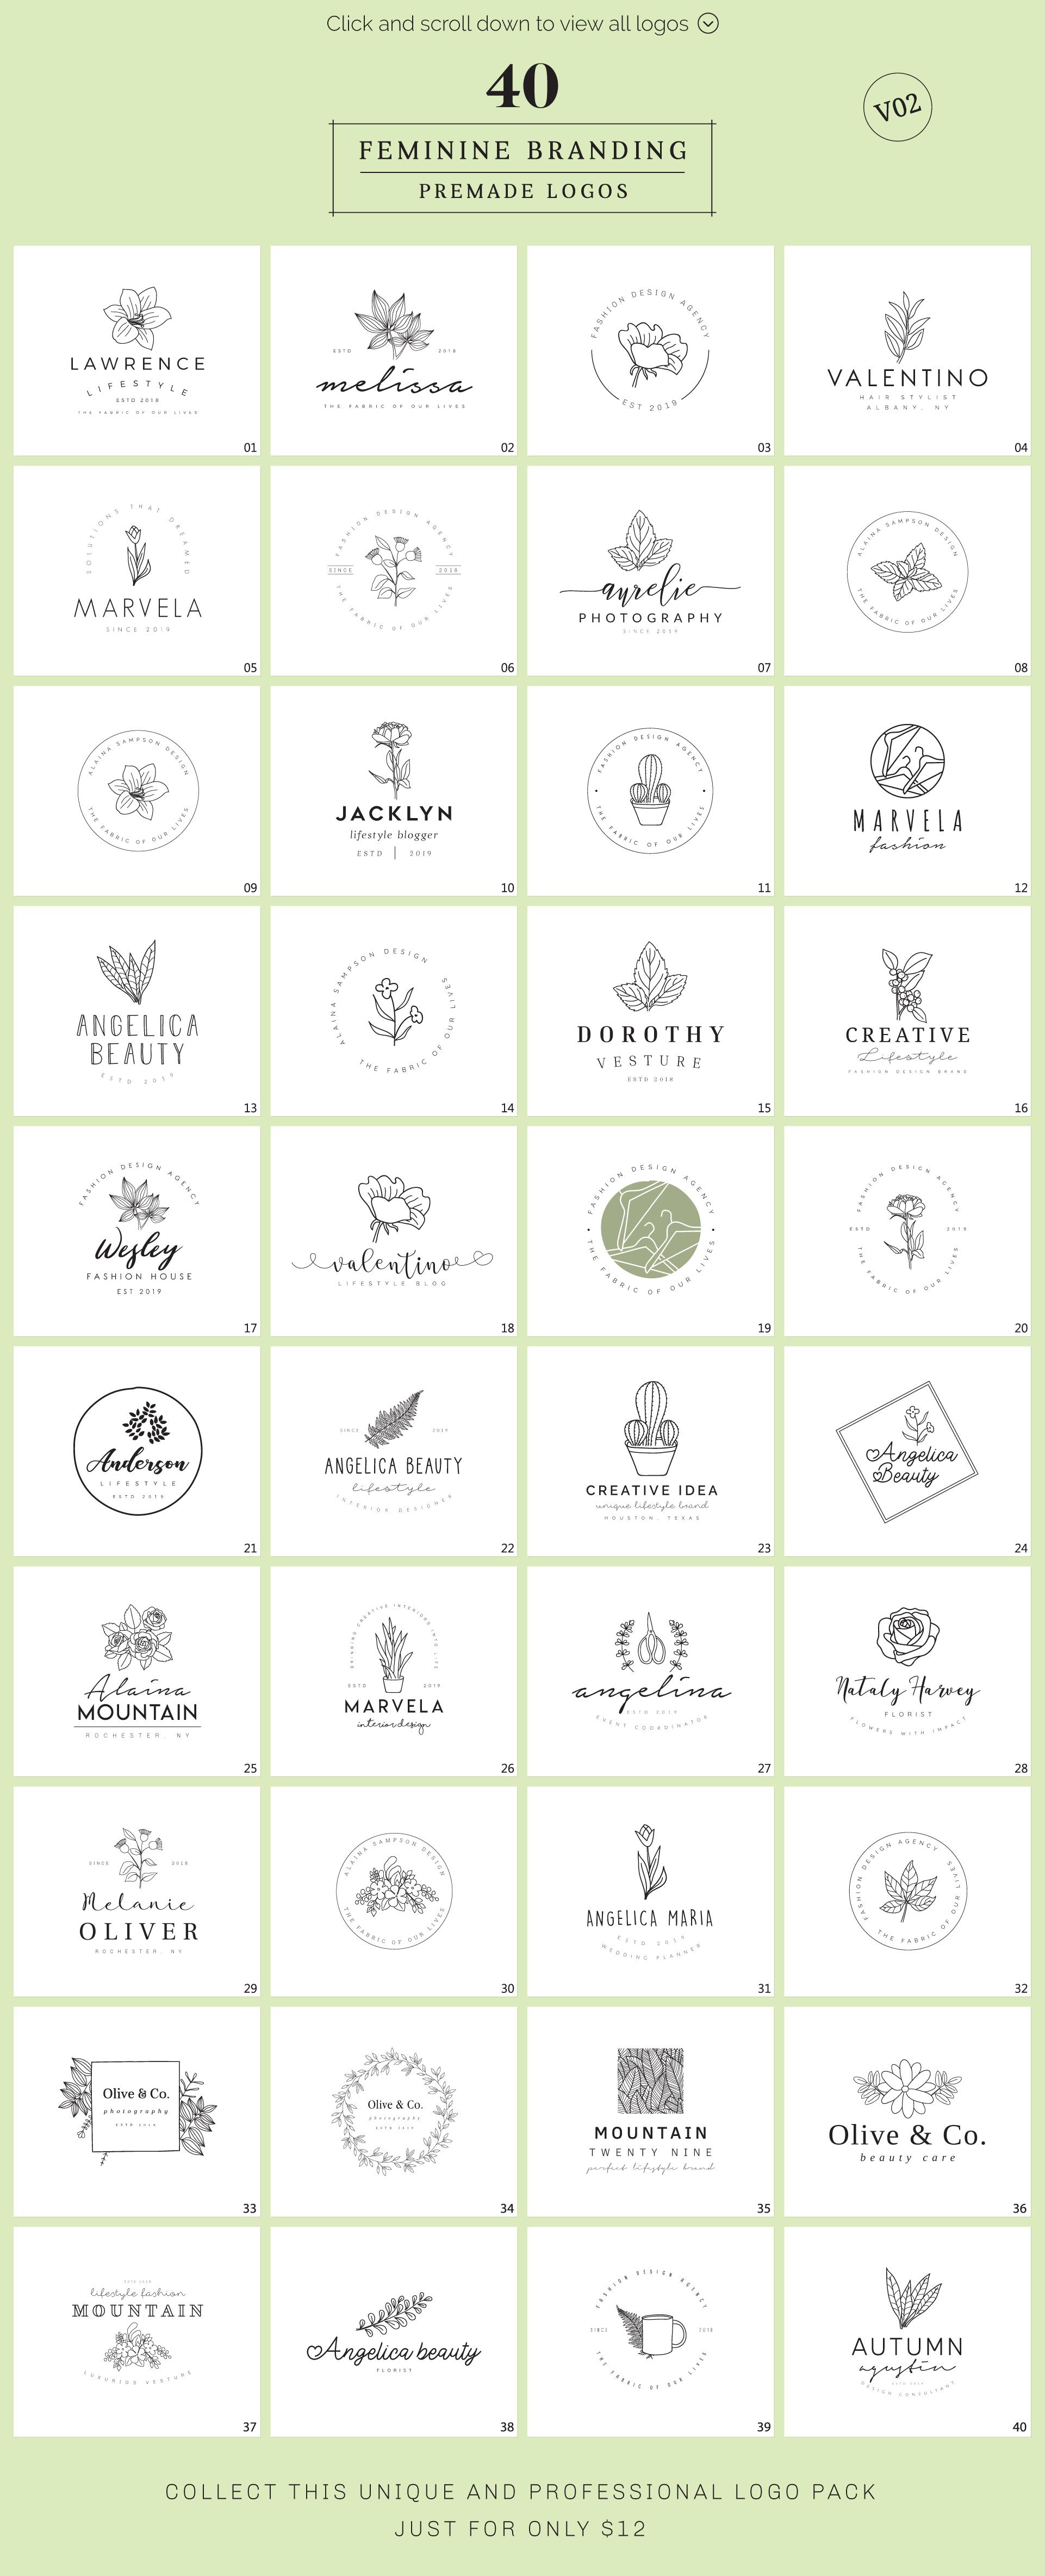 Feminine Branding Premade Logos V02 example image 2